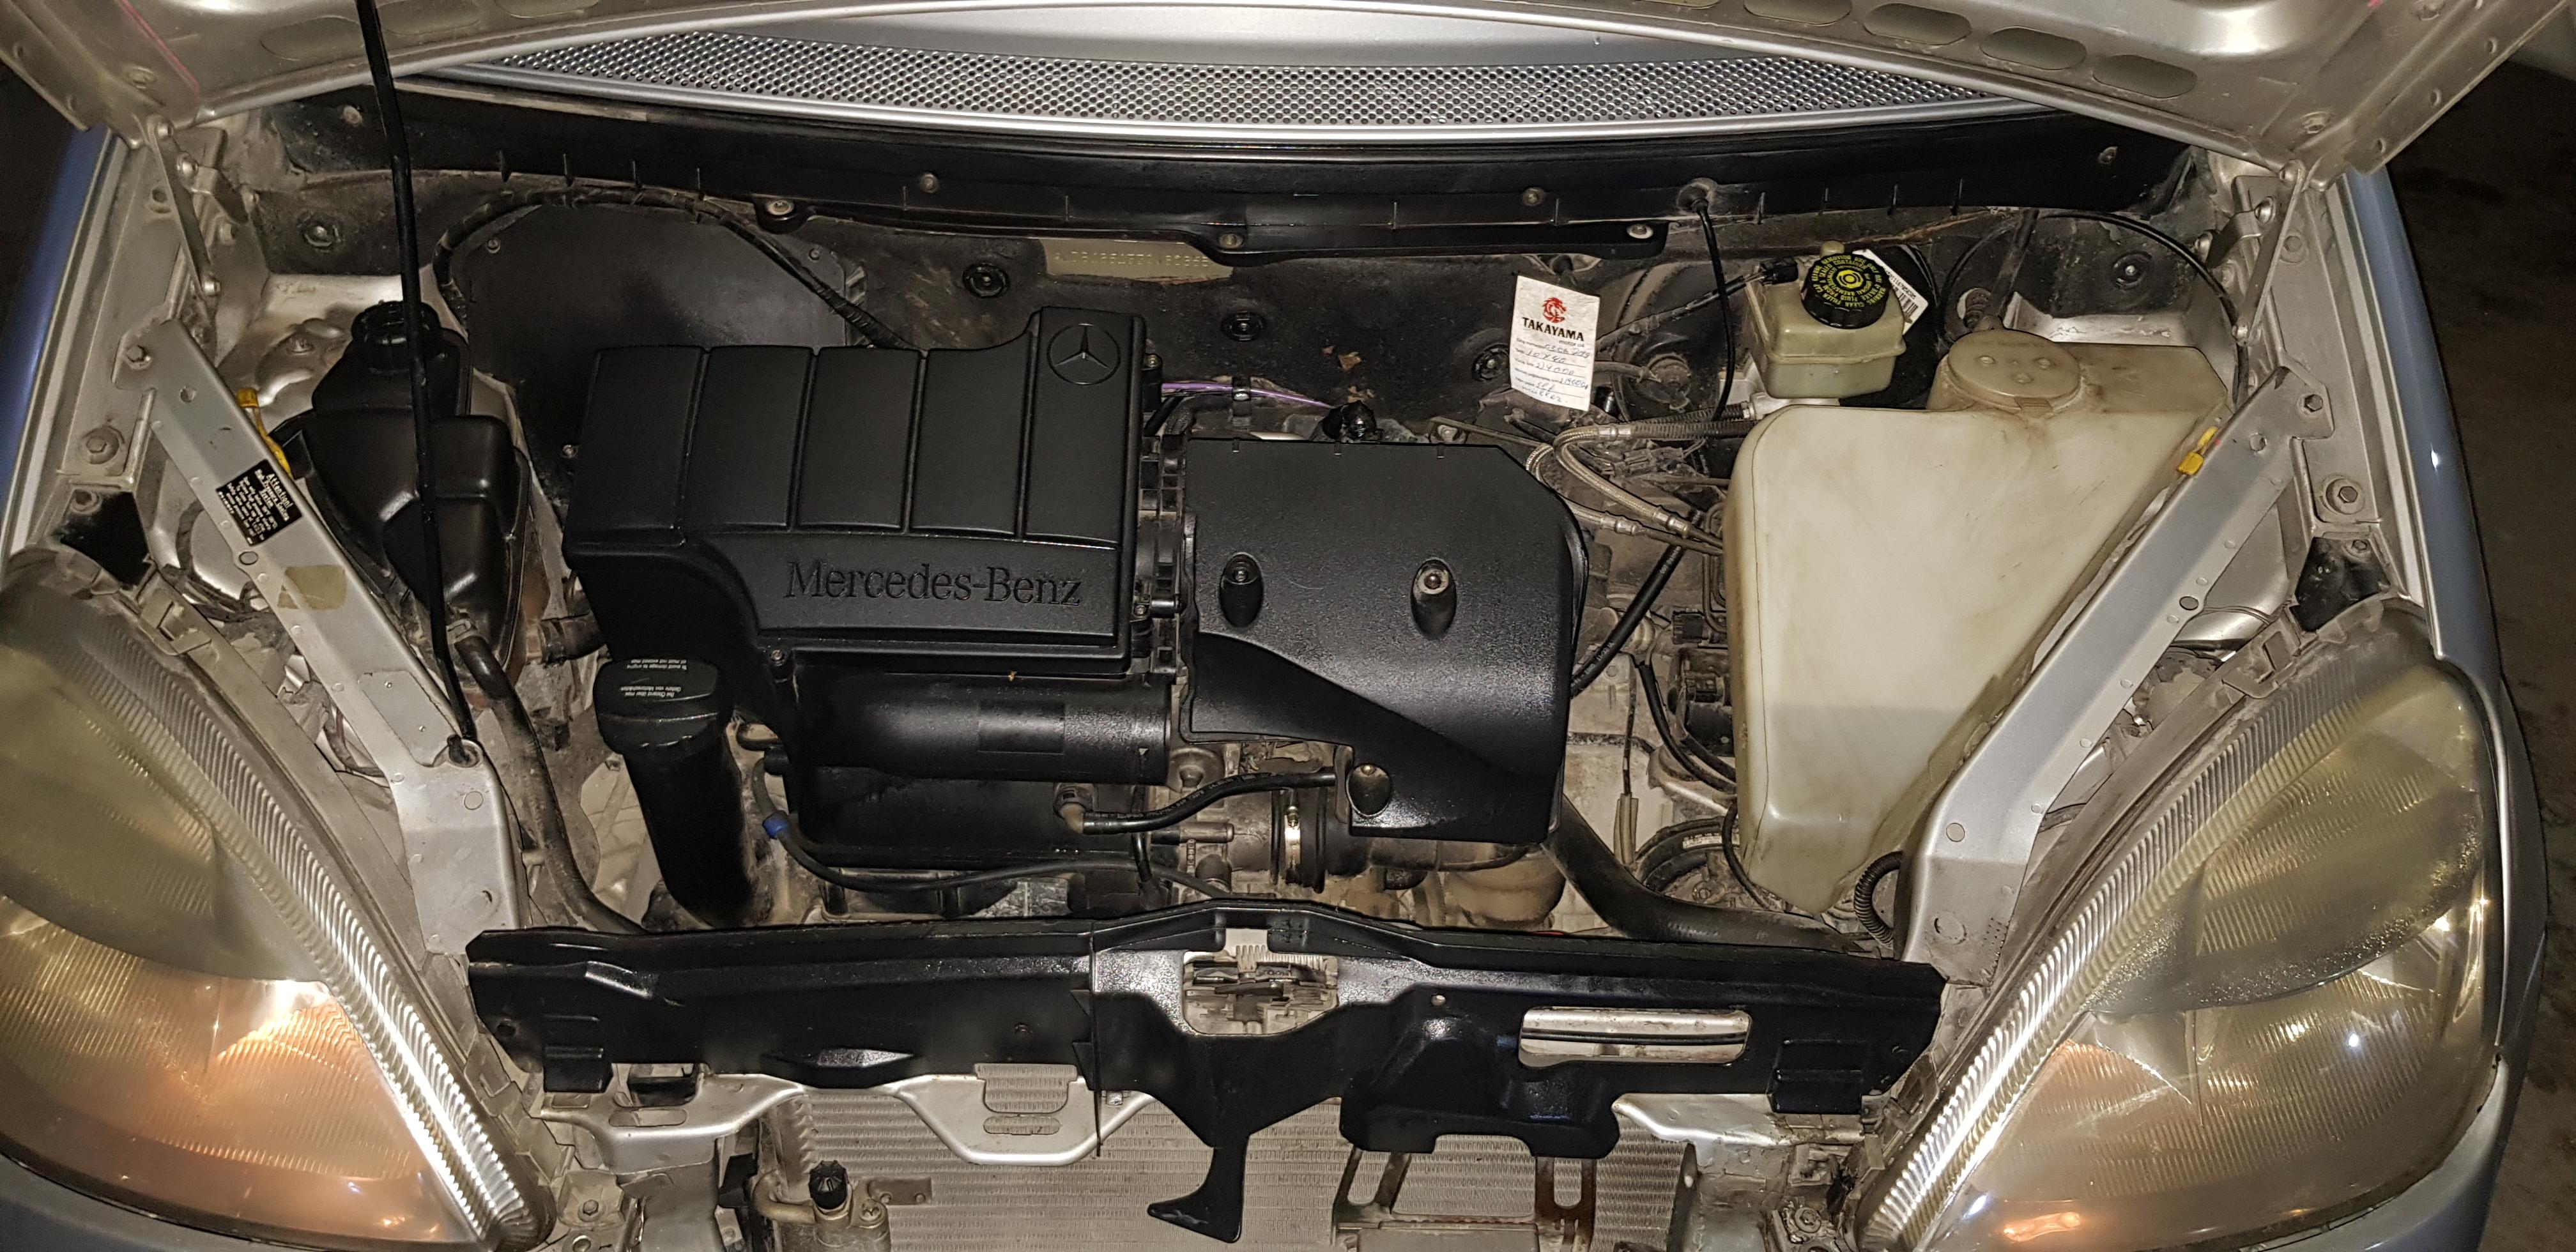 Mercedes-Benz A 160 1.6(lt) 2001 Second hand  $5500